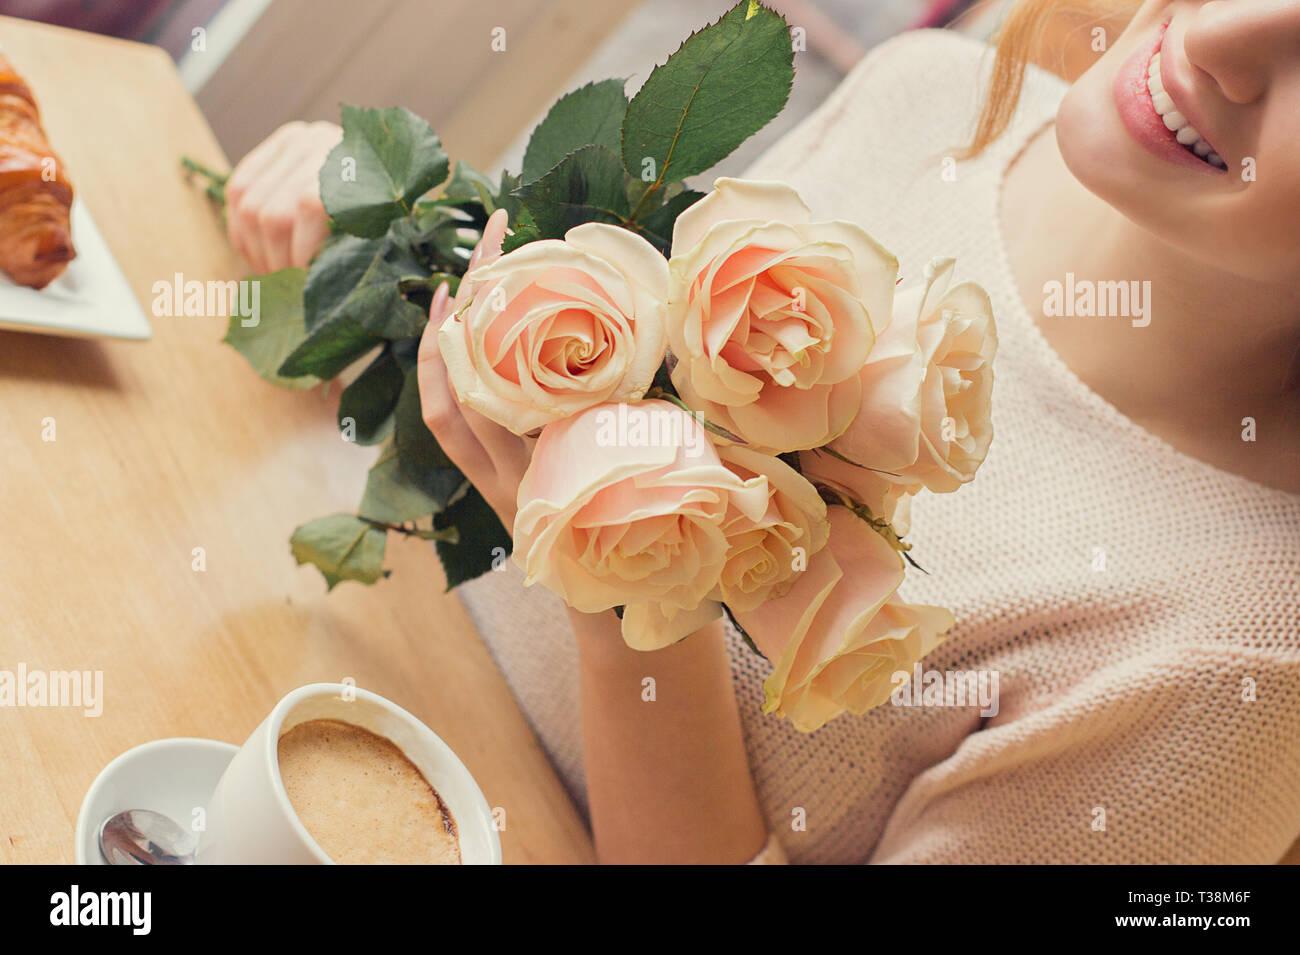 online retailer 452ac 70761 Giovane donna allegra con bouquet di fiori in mani festeggia ...